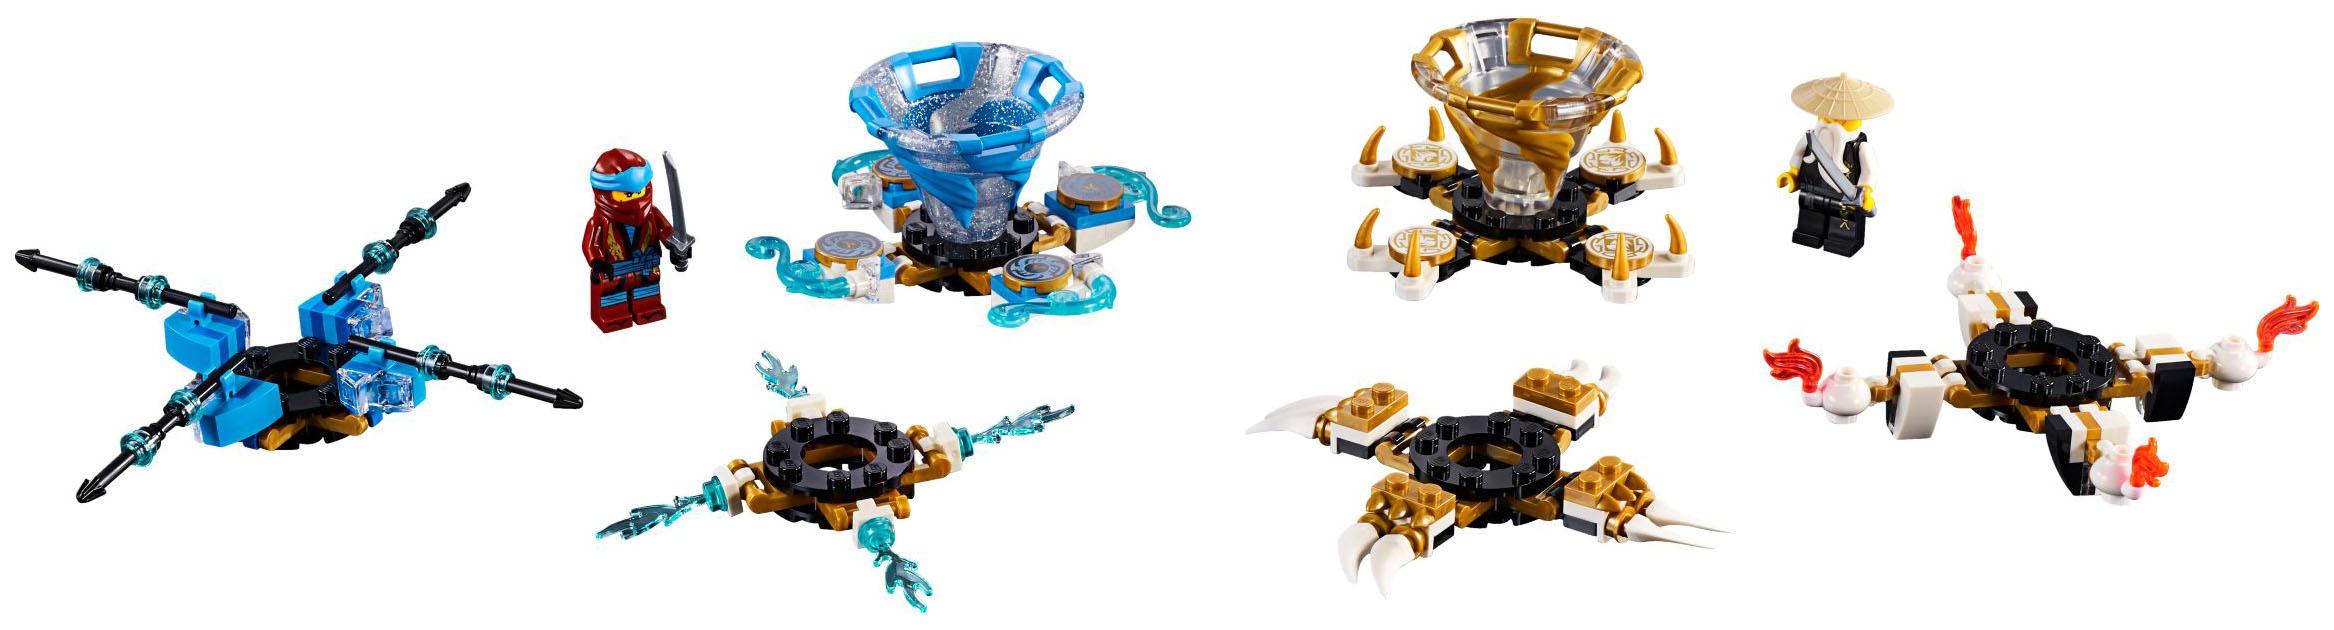 Конструктор LEGO Ninjago 70663 Ния и